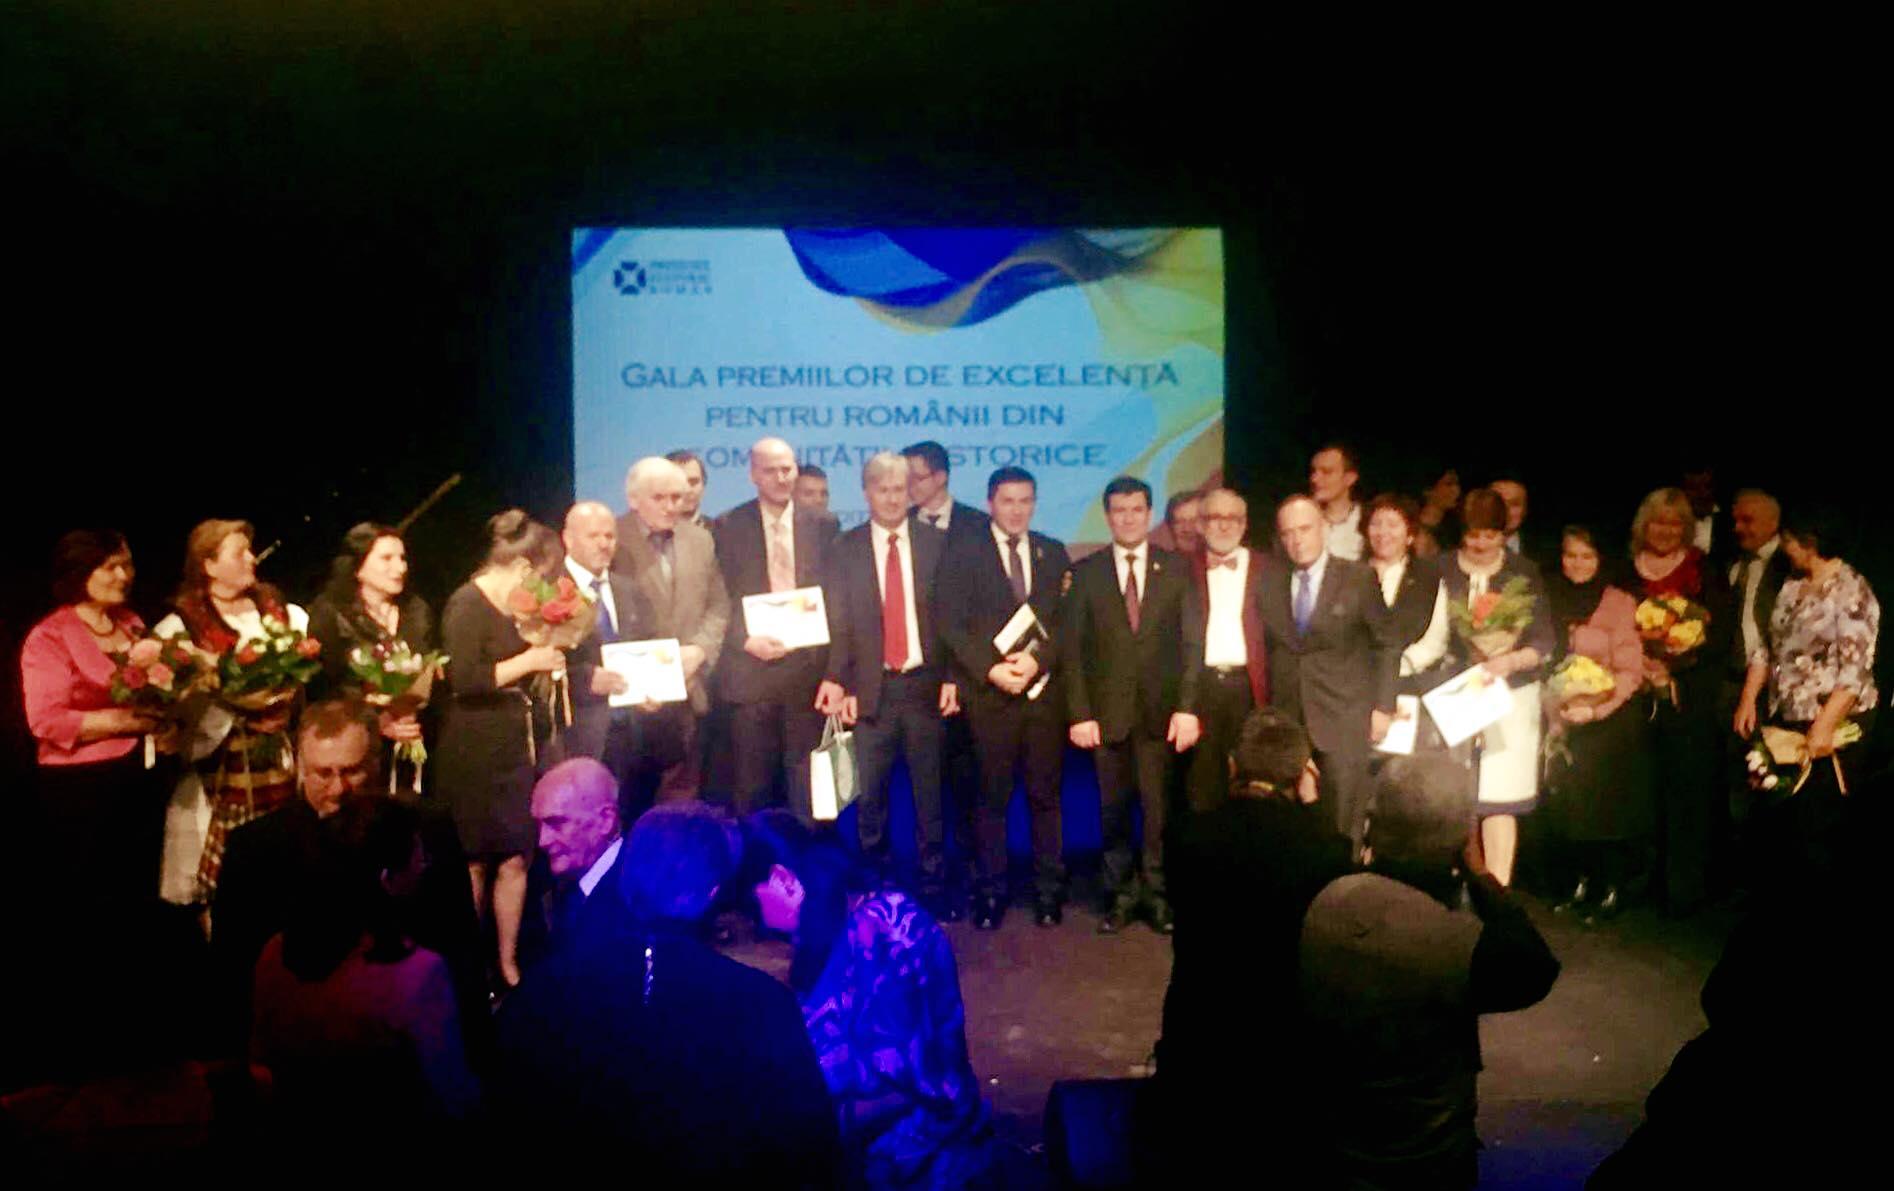 Constantin Codreanu Gala Premiilor de Excelenta Romanii din Comunitatile Istorice